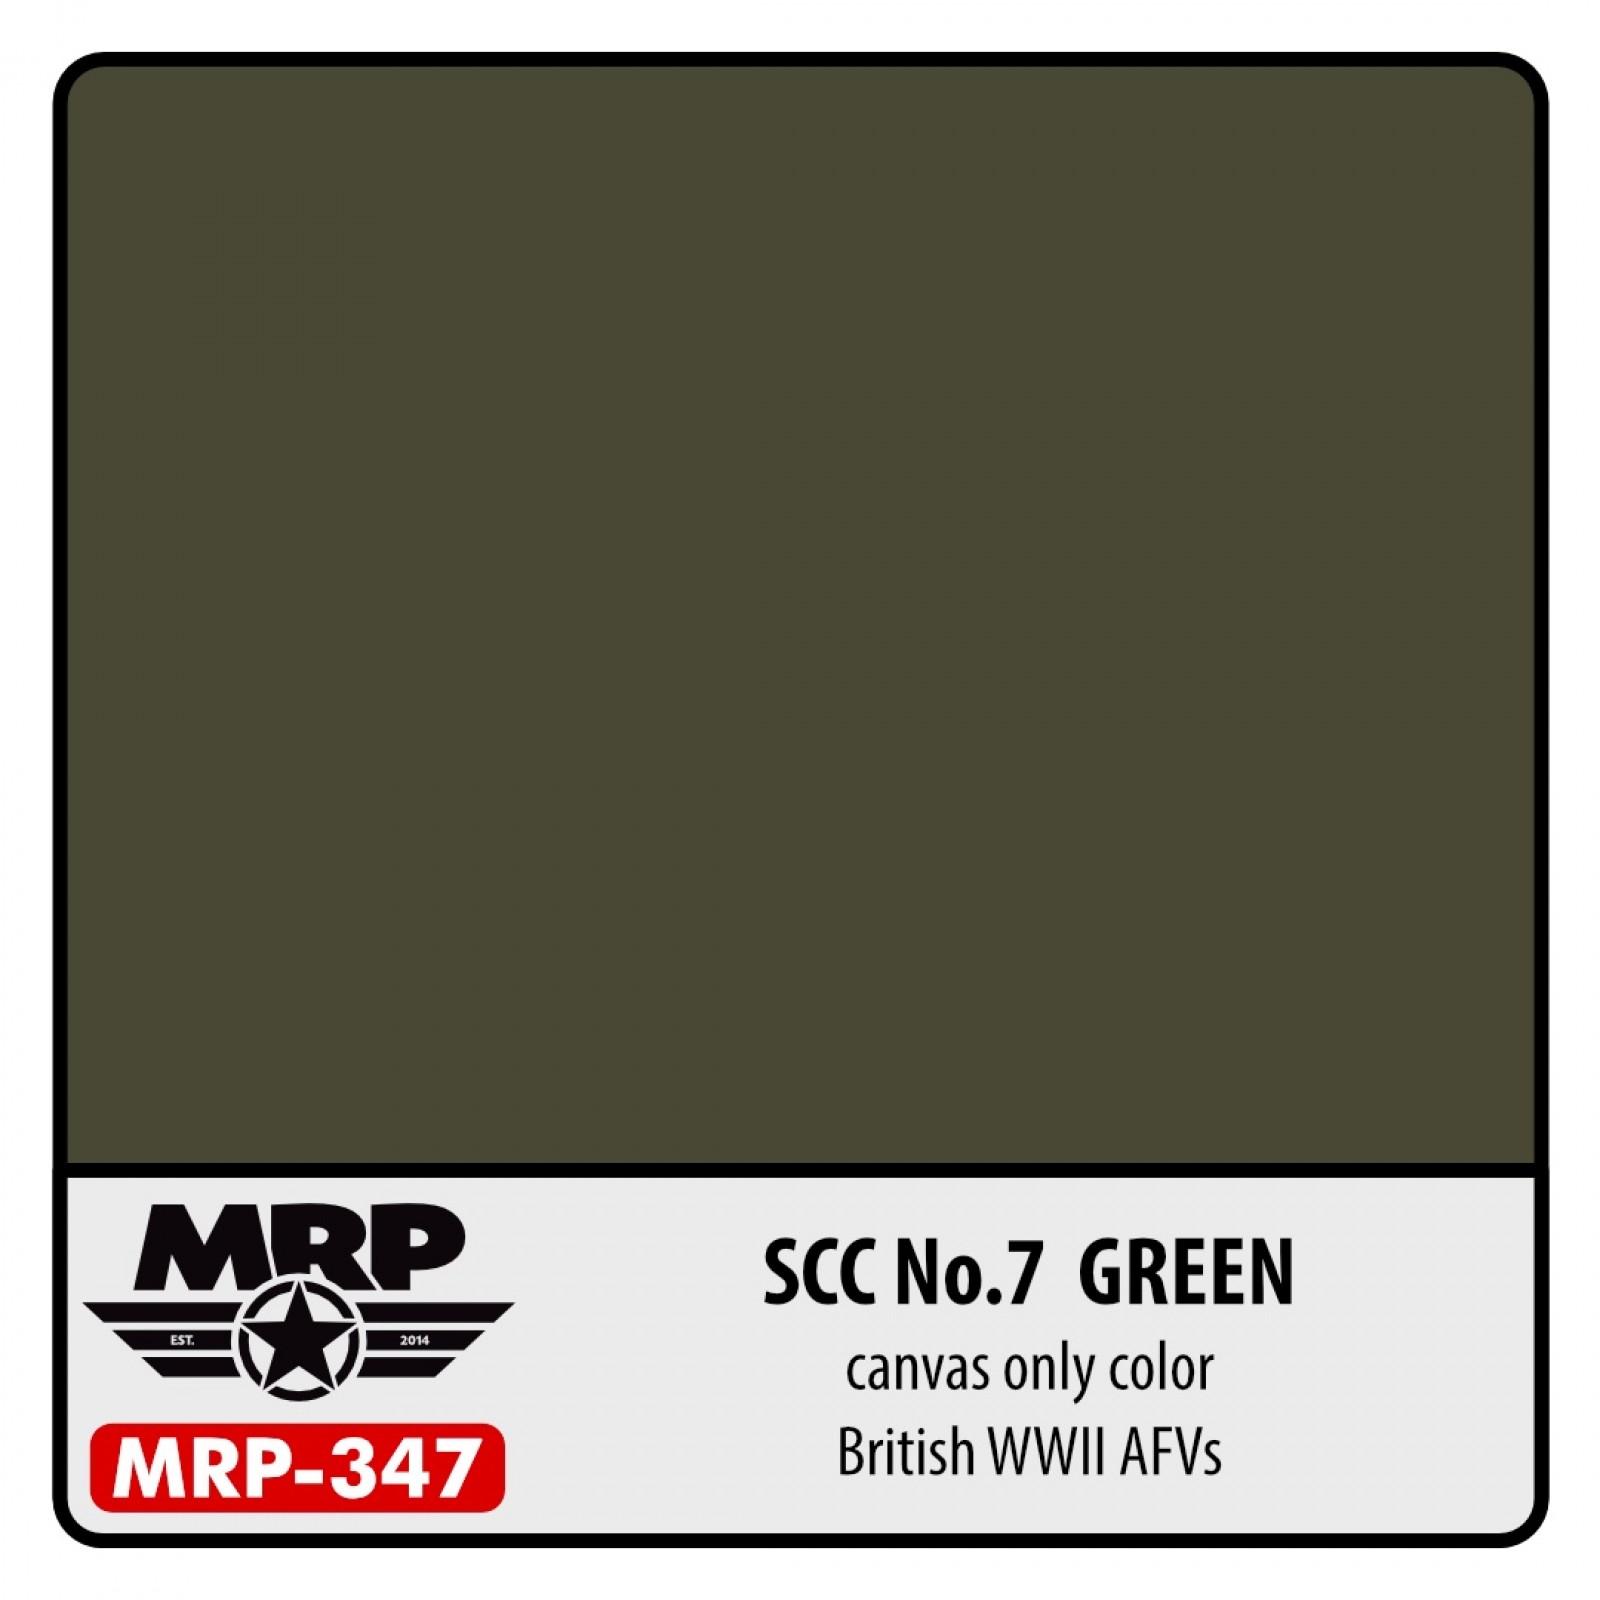 MRP-347  SCC No.7